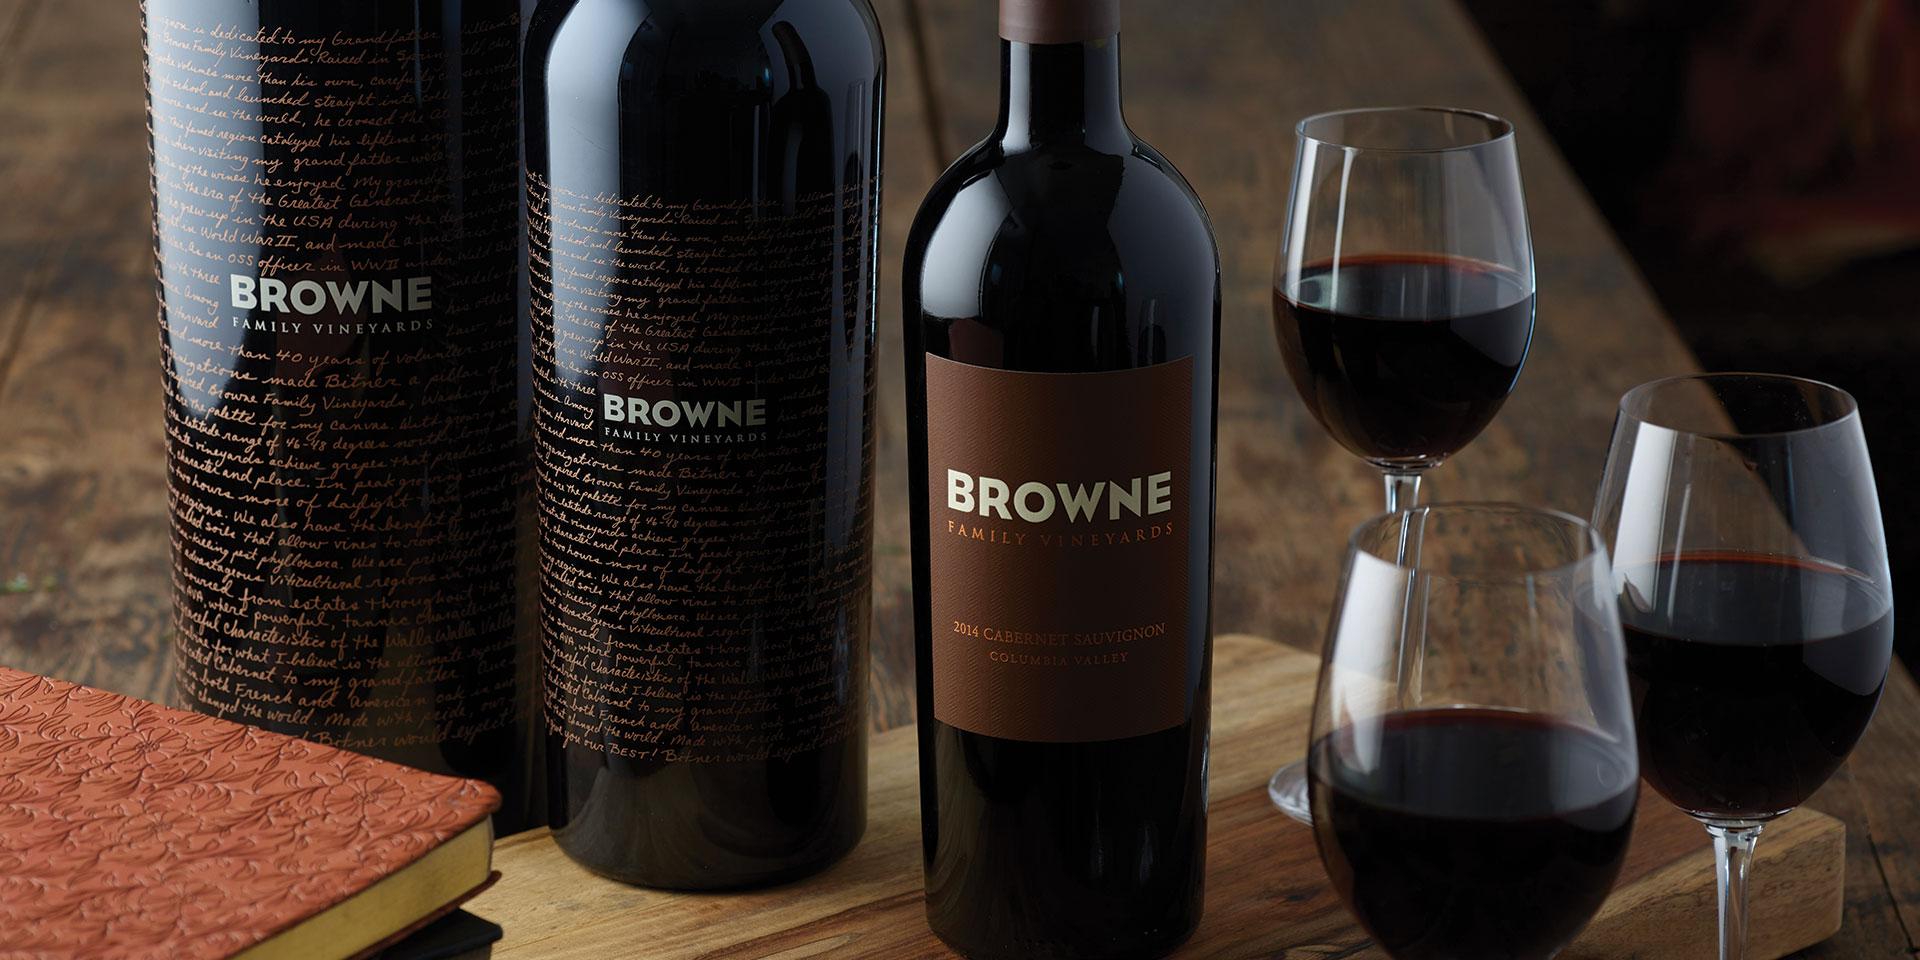 Browne Wines